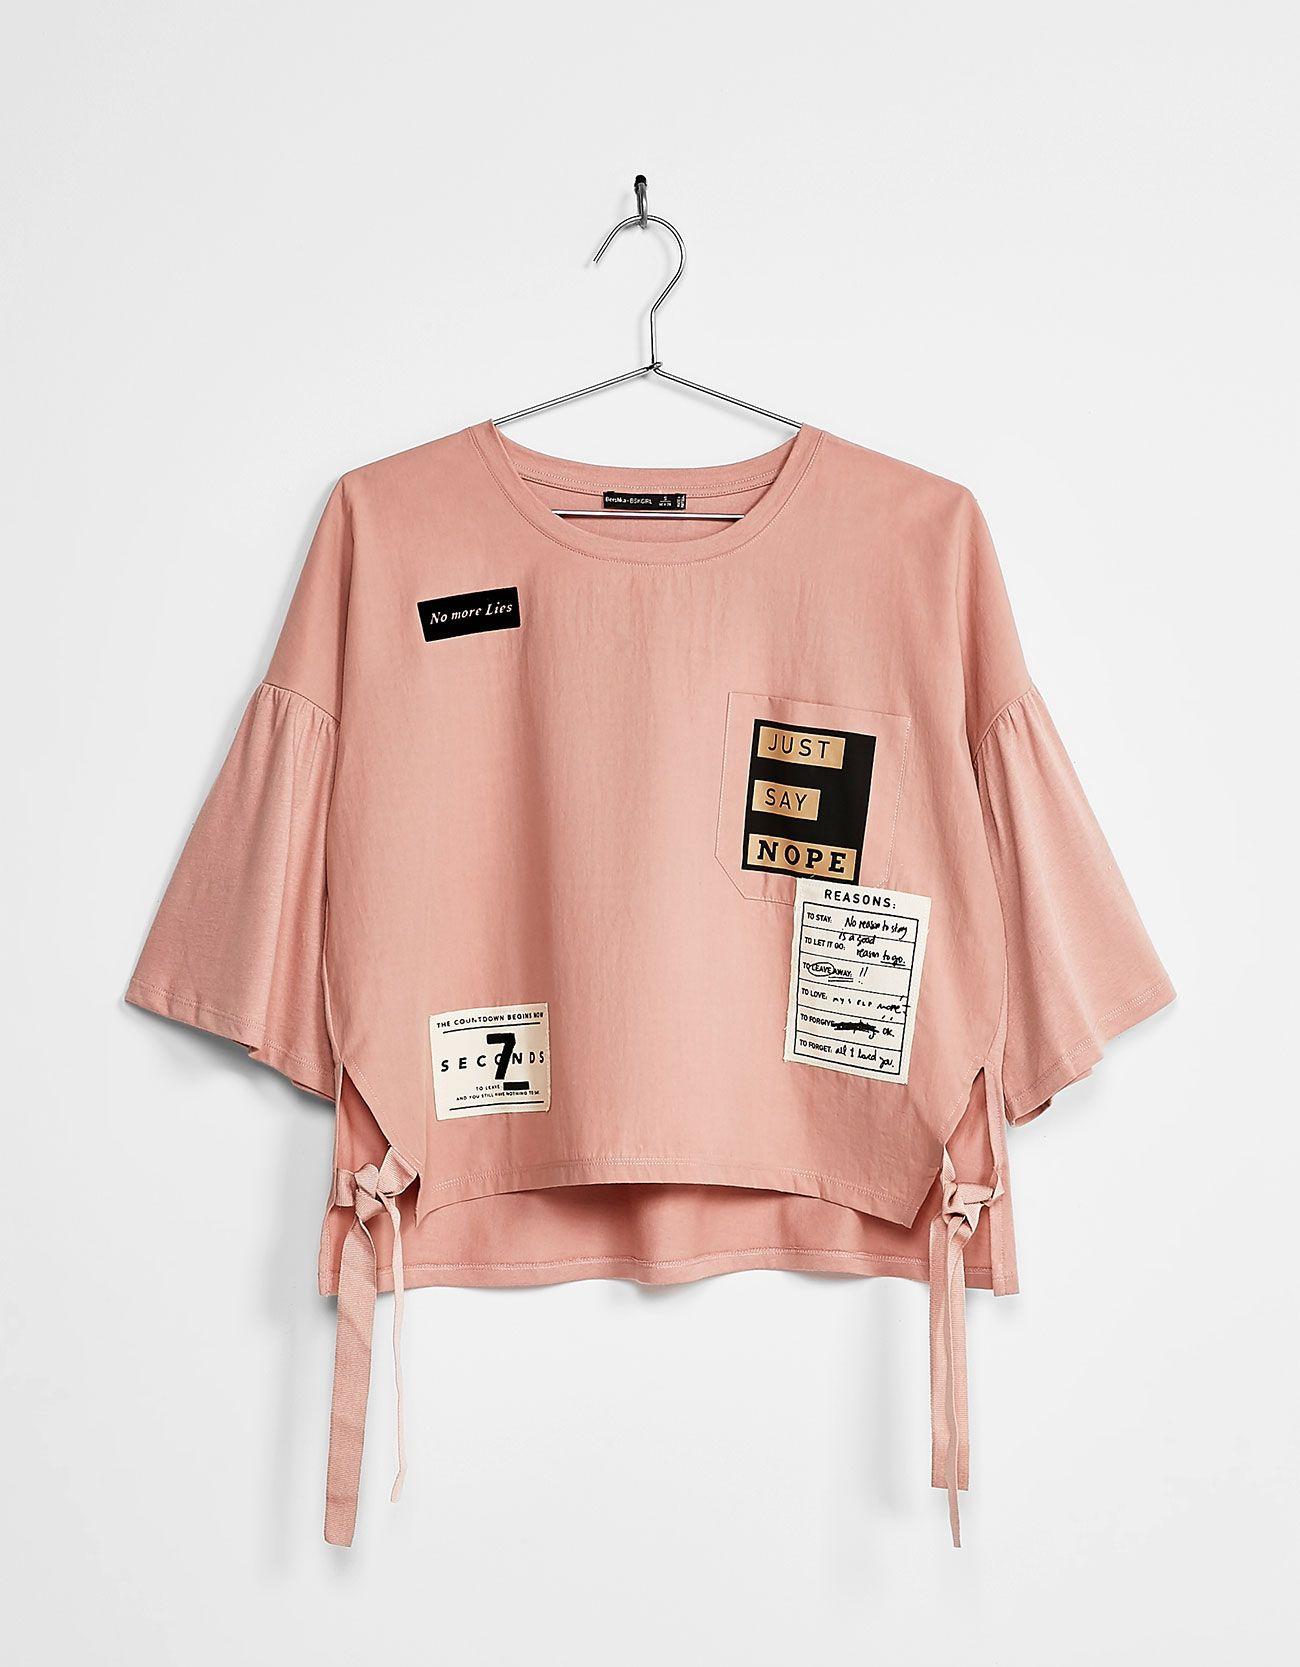 Camiseta manga campana parches. Descubre ésta y muchas otras prendas en Bershka con nuevos productos cada semana